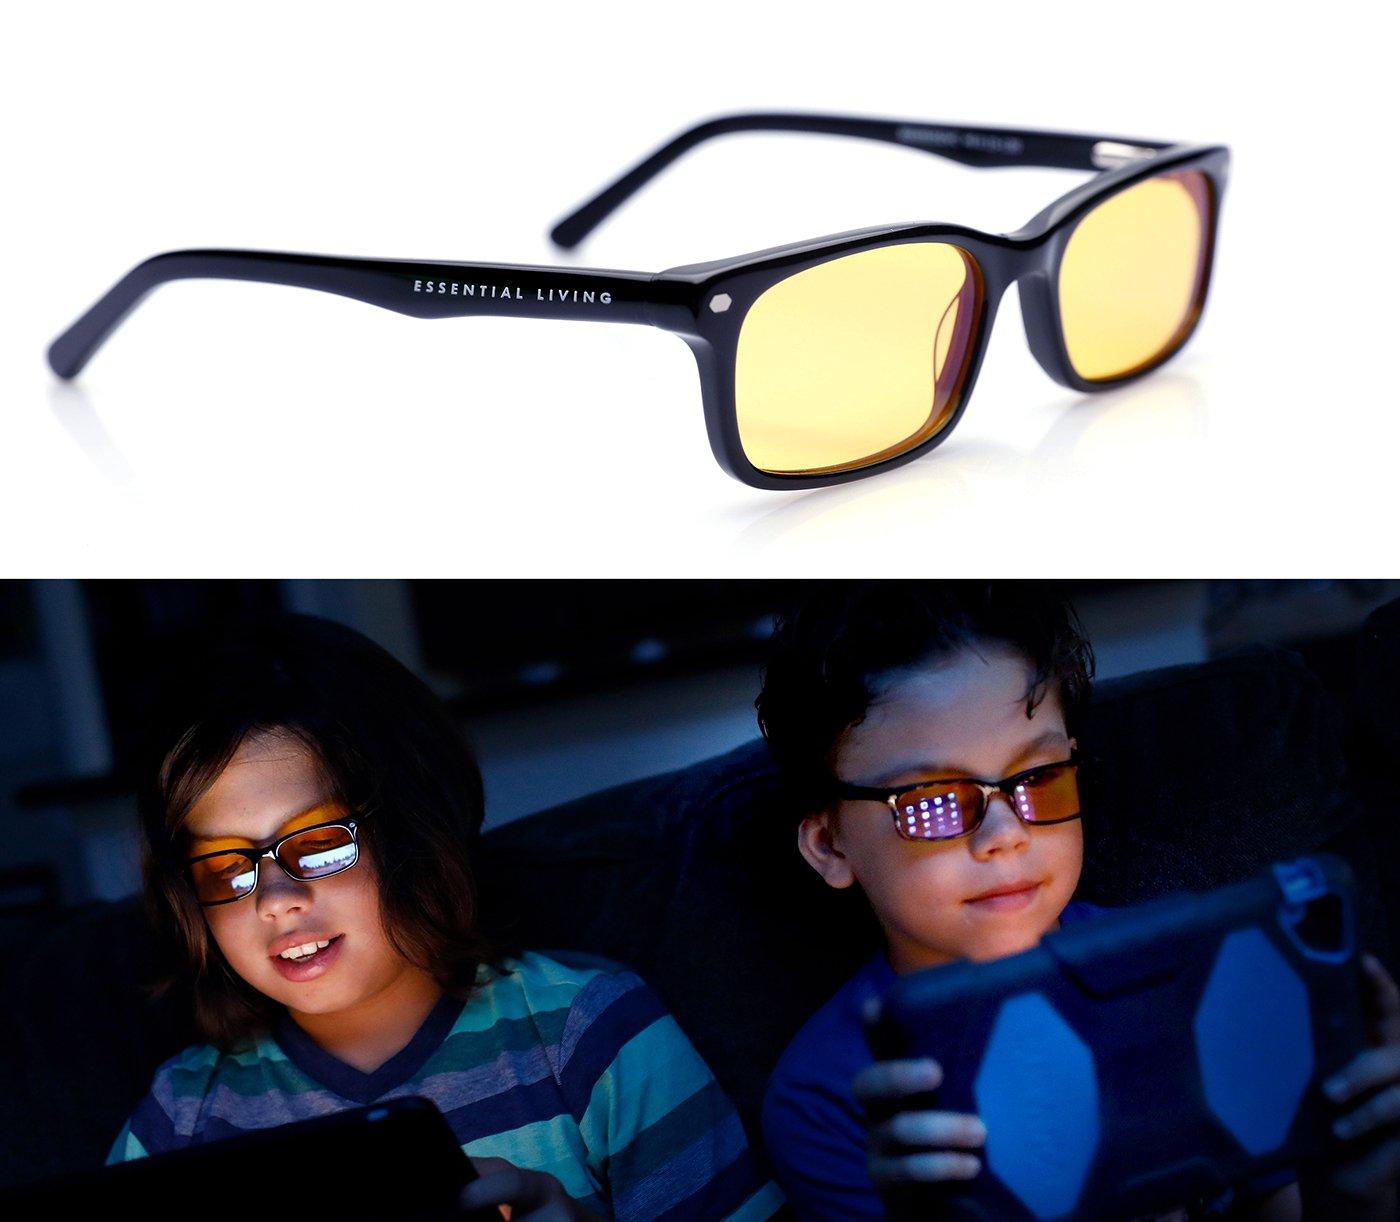 Kids Blue Light Blocking Glasses for Kids: Block 95% of Blue Light with Kid Size Blue Blocker Glasses